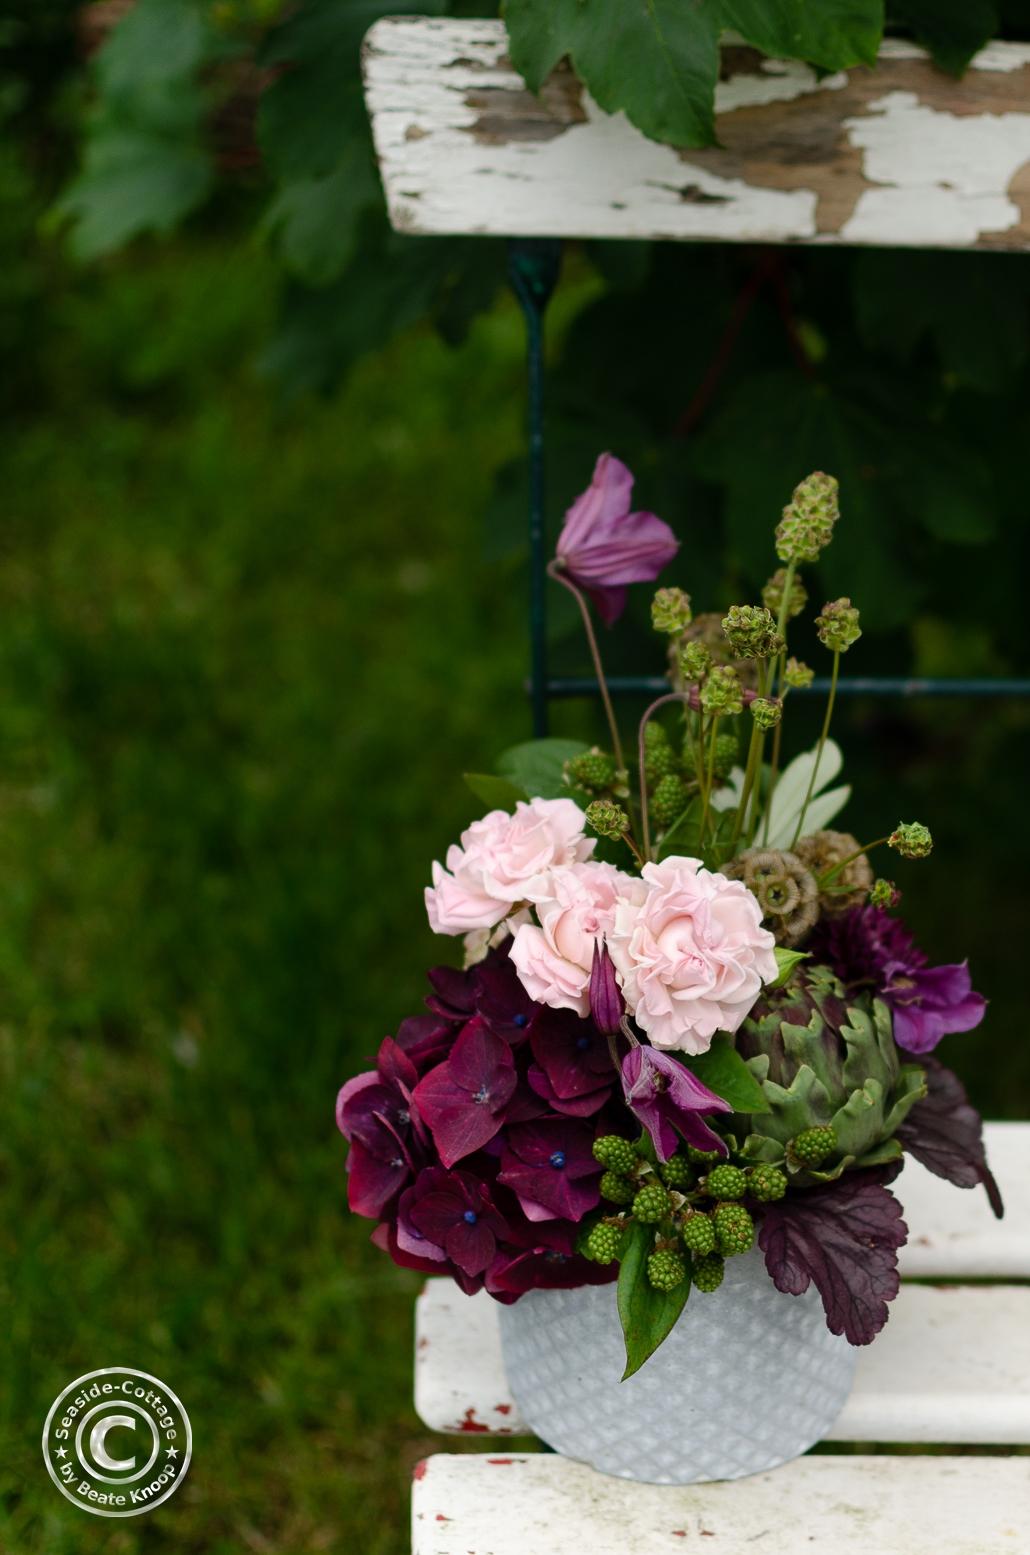 Gartenstuhl mit sommerlichem Blumengesteck